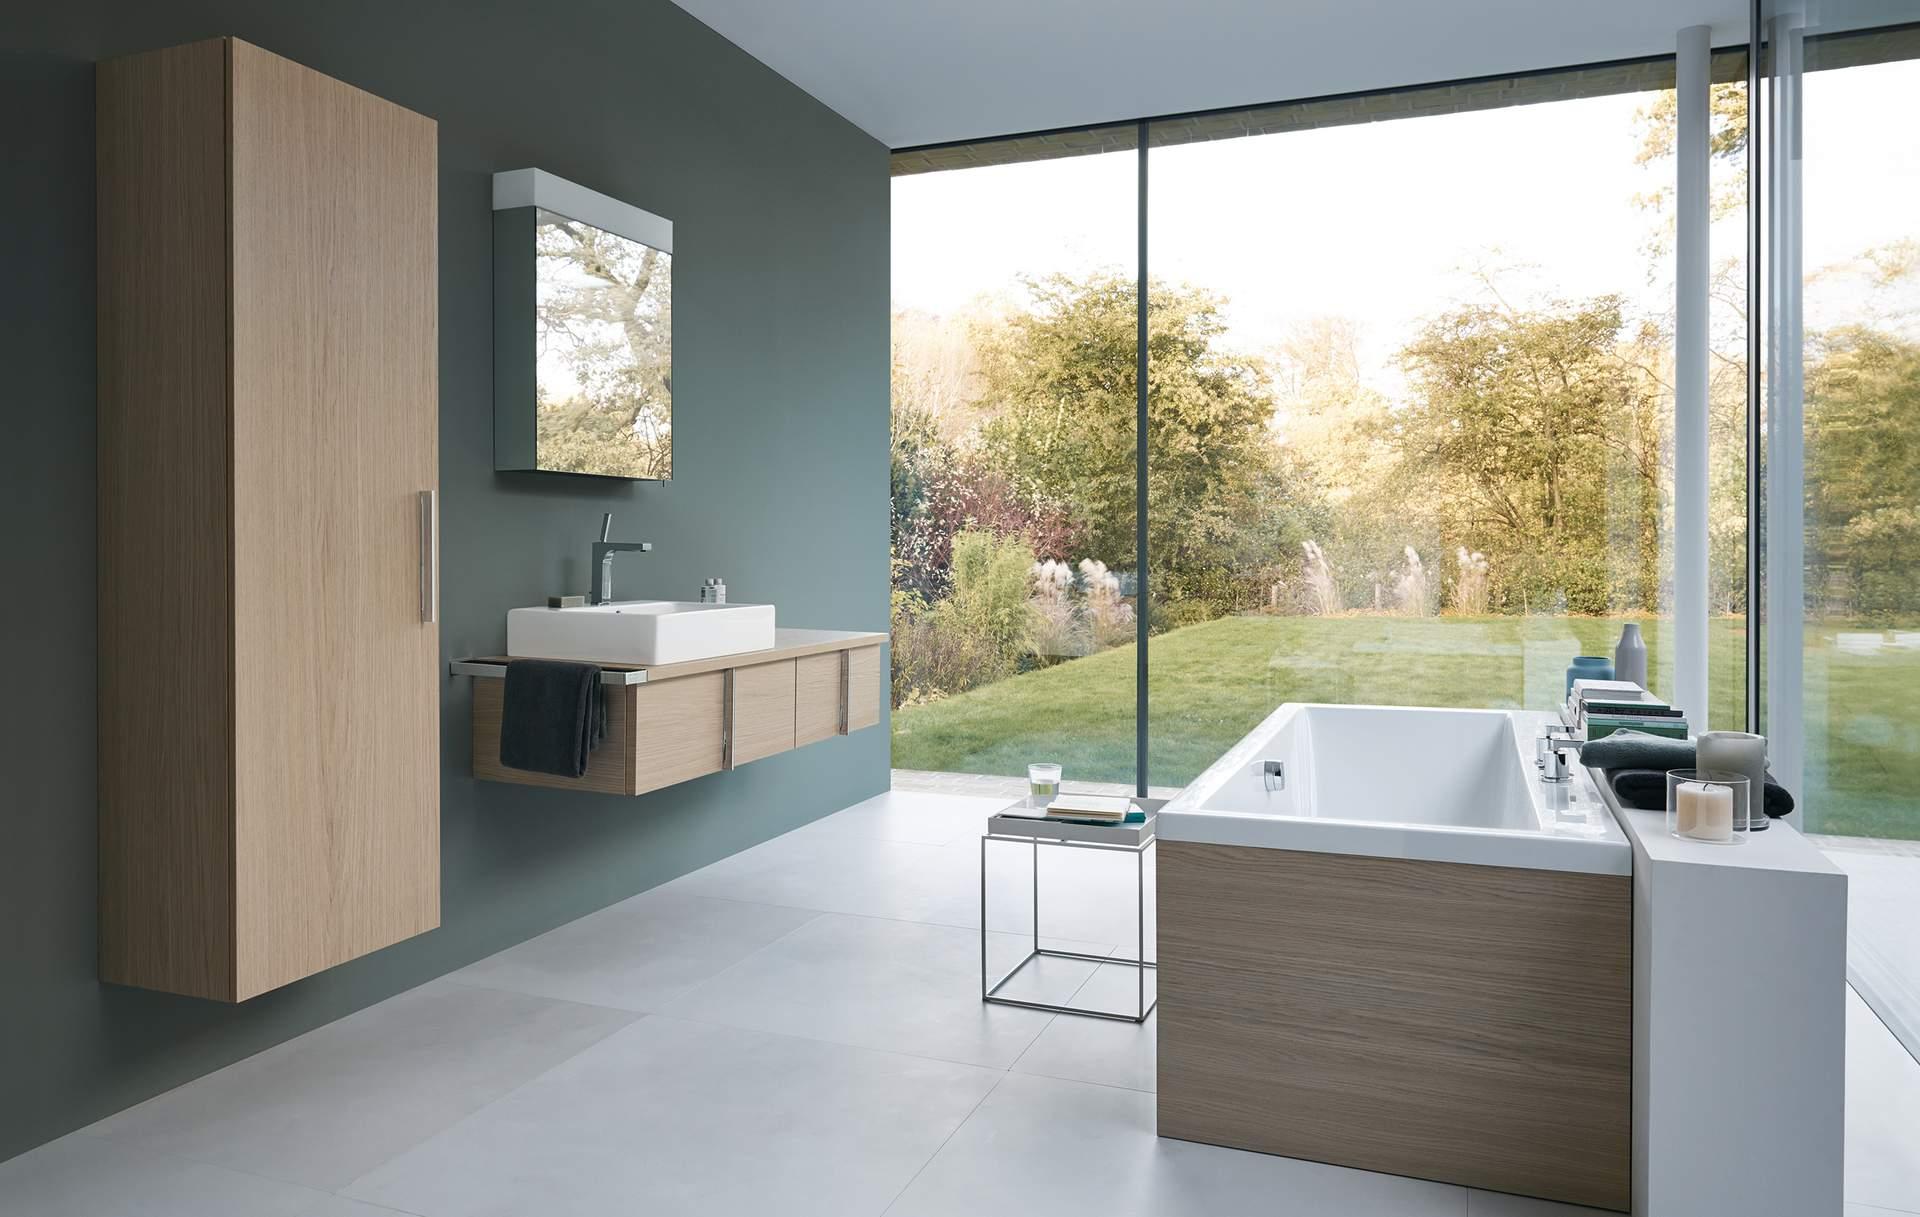 Beau Duravit Vero: Washbasins, Toilets, Bathtubs U0026 More | Duravit